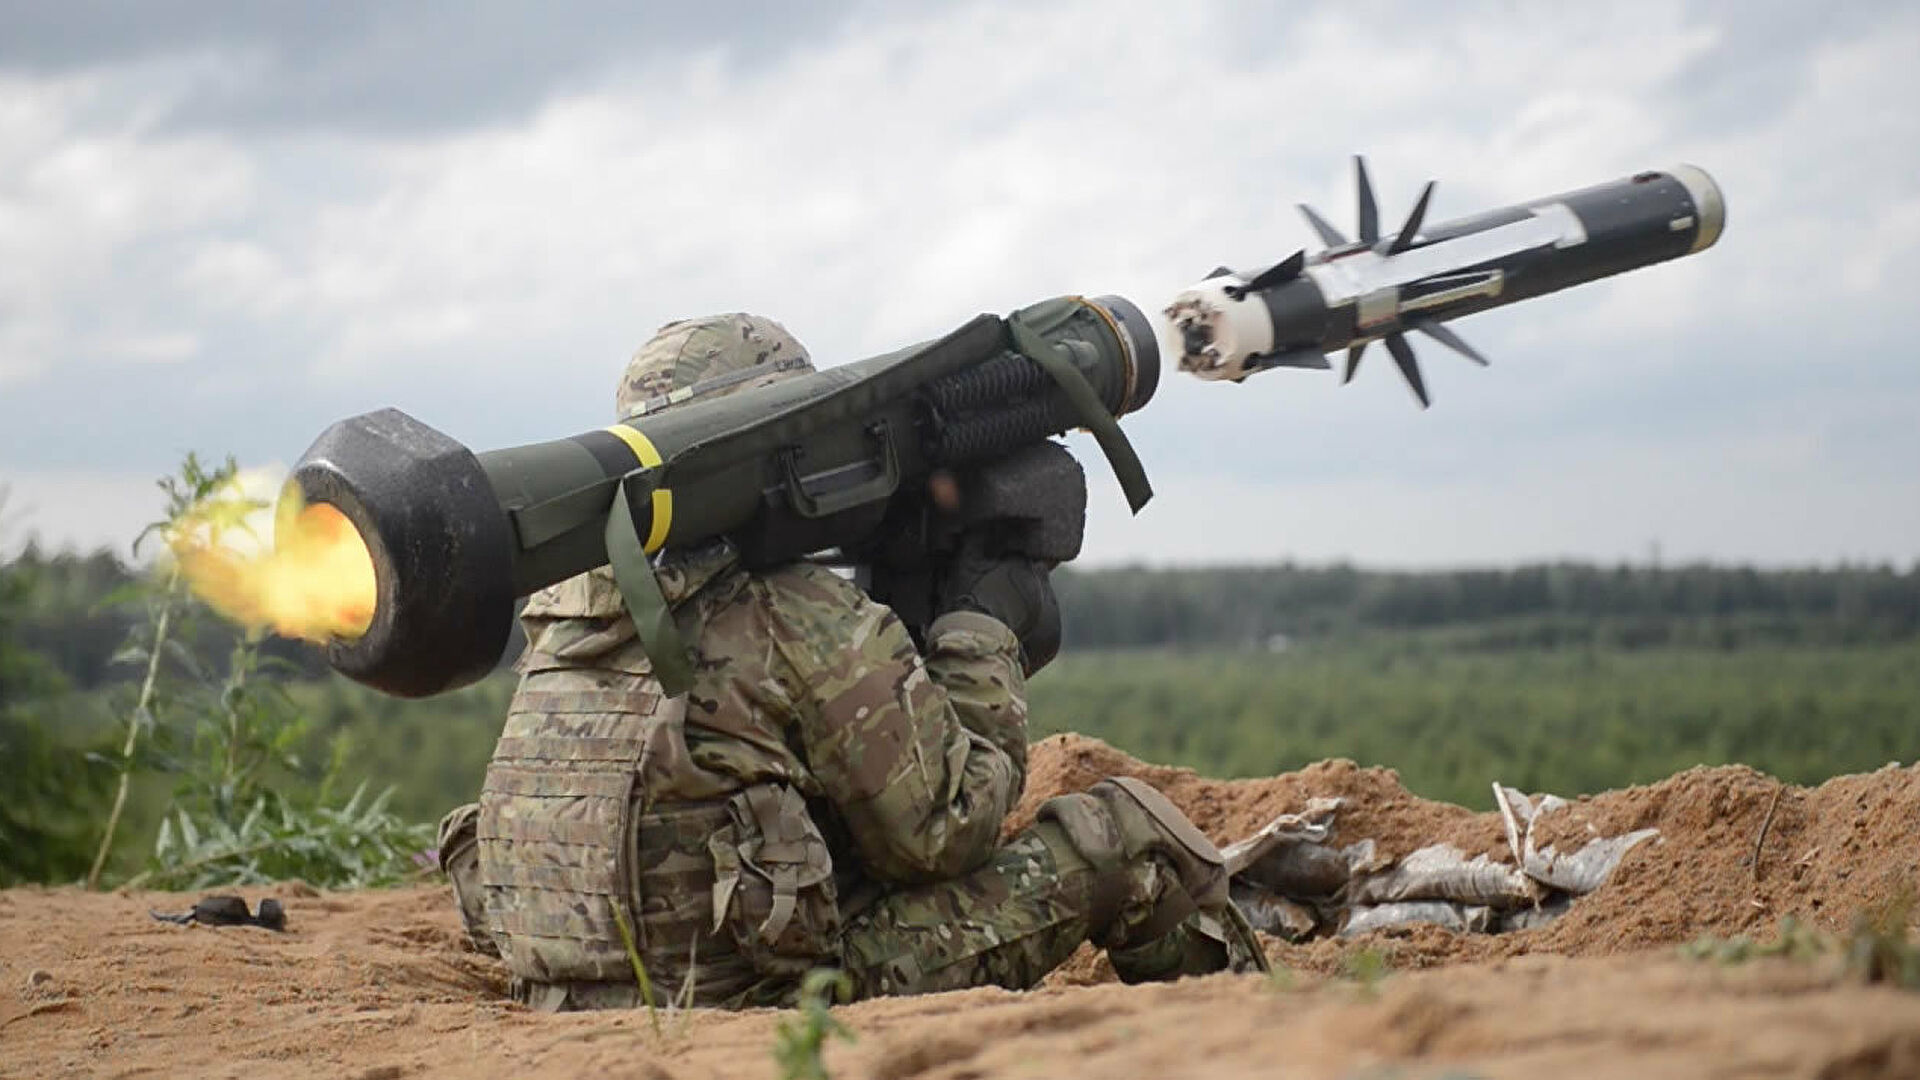 Американский военный производит выстрел из противотанкового ракетного комплекса (ПТРК) Javelin во время учений в Эстонии - РИА Новости, 1920, 28.04.2021